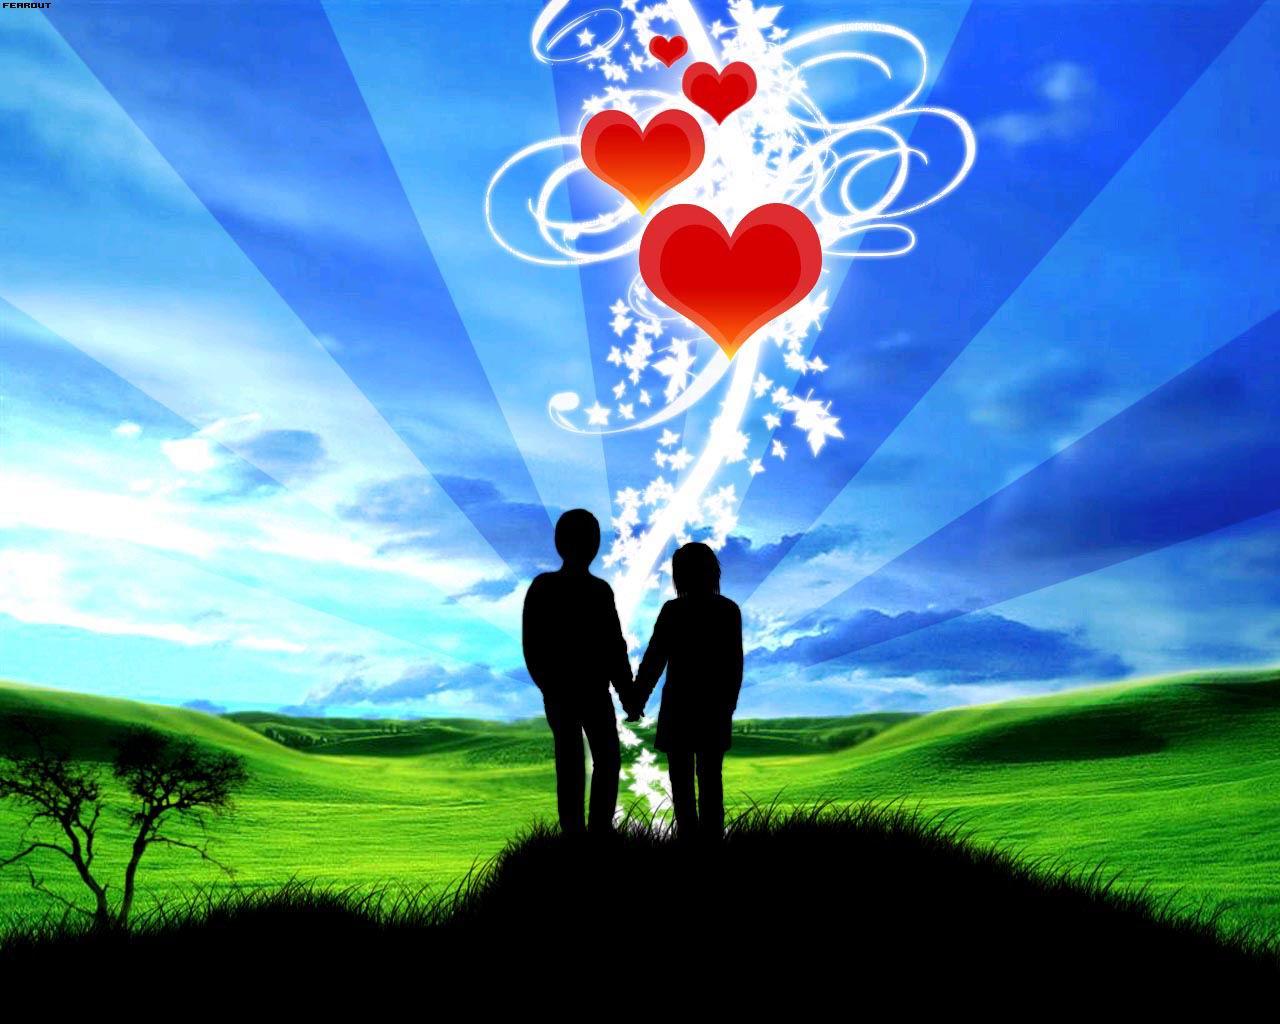 صور حب ورومانسية 22